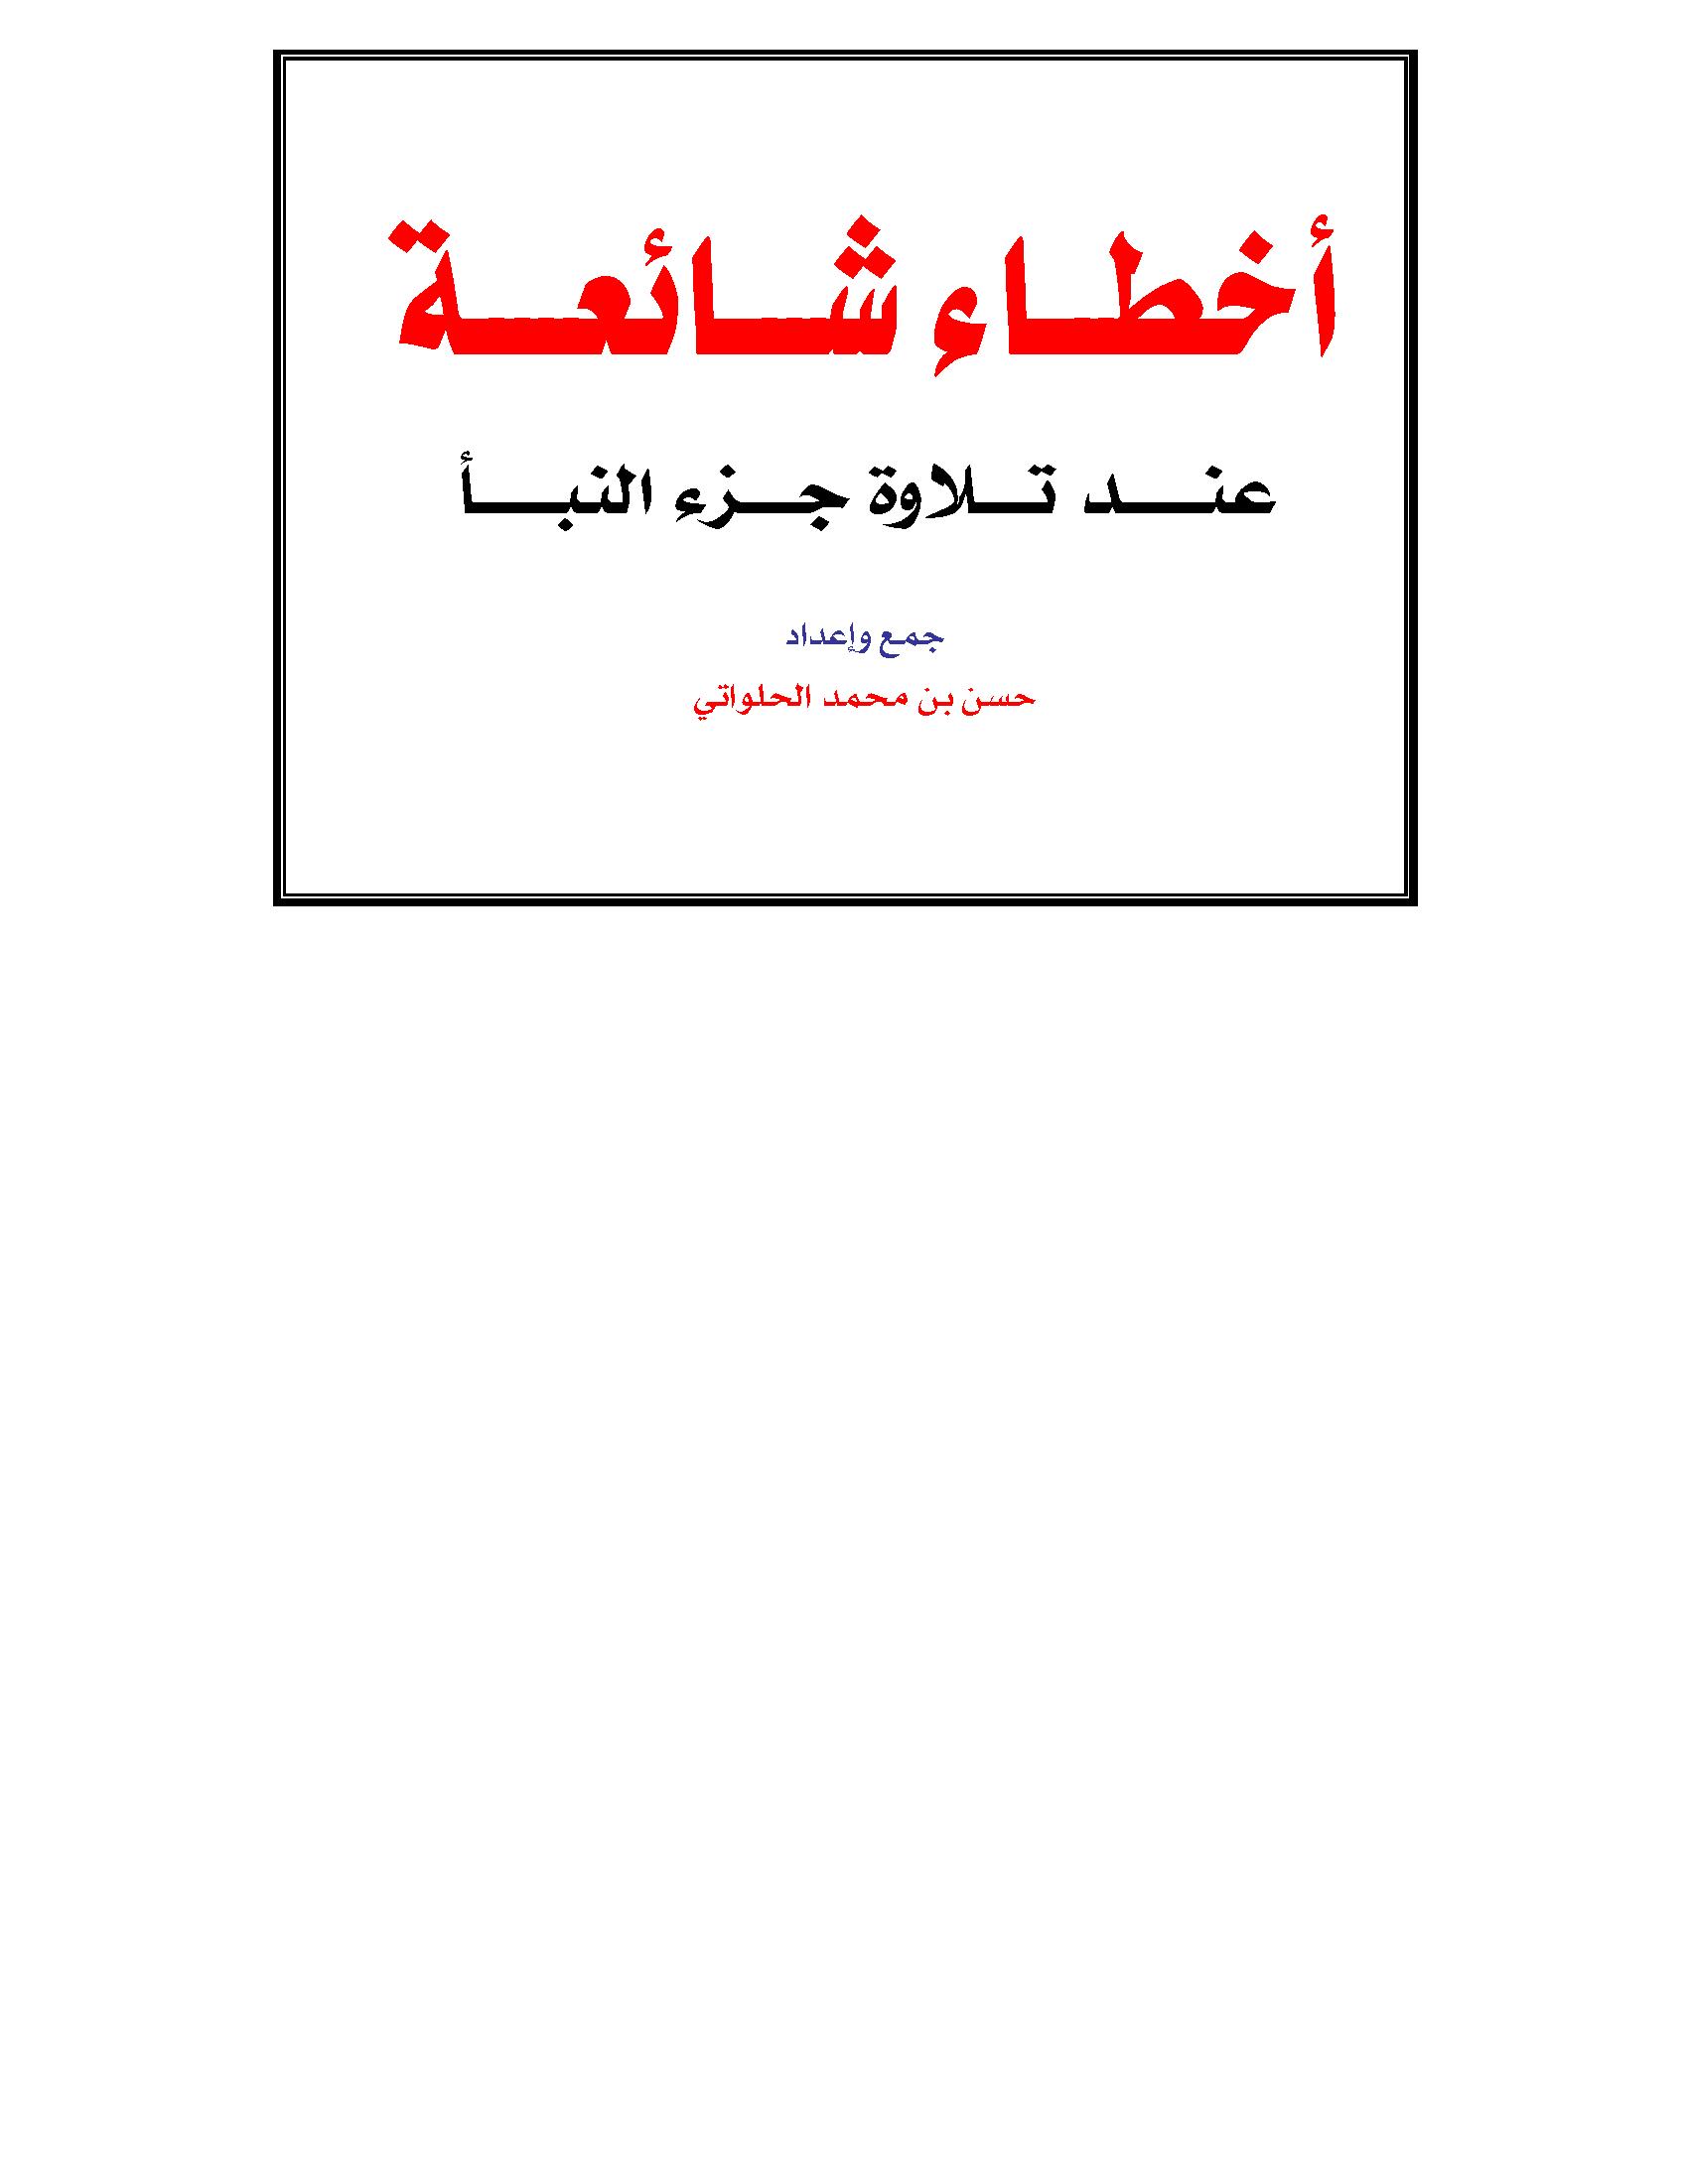 تحميل كتاب أخطاء شائعة عند تلاوة جزء النبأ لـِ: الشيخ حسن بن محمد الحلواتي